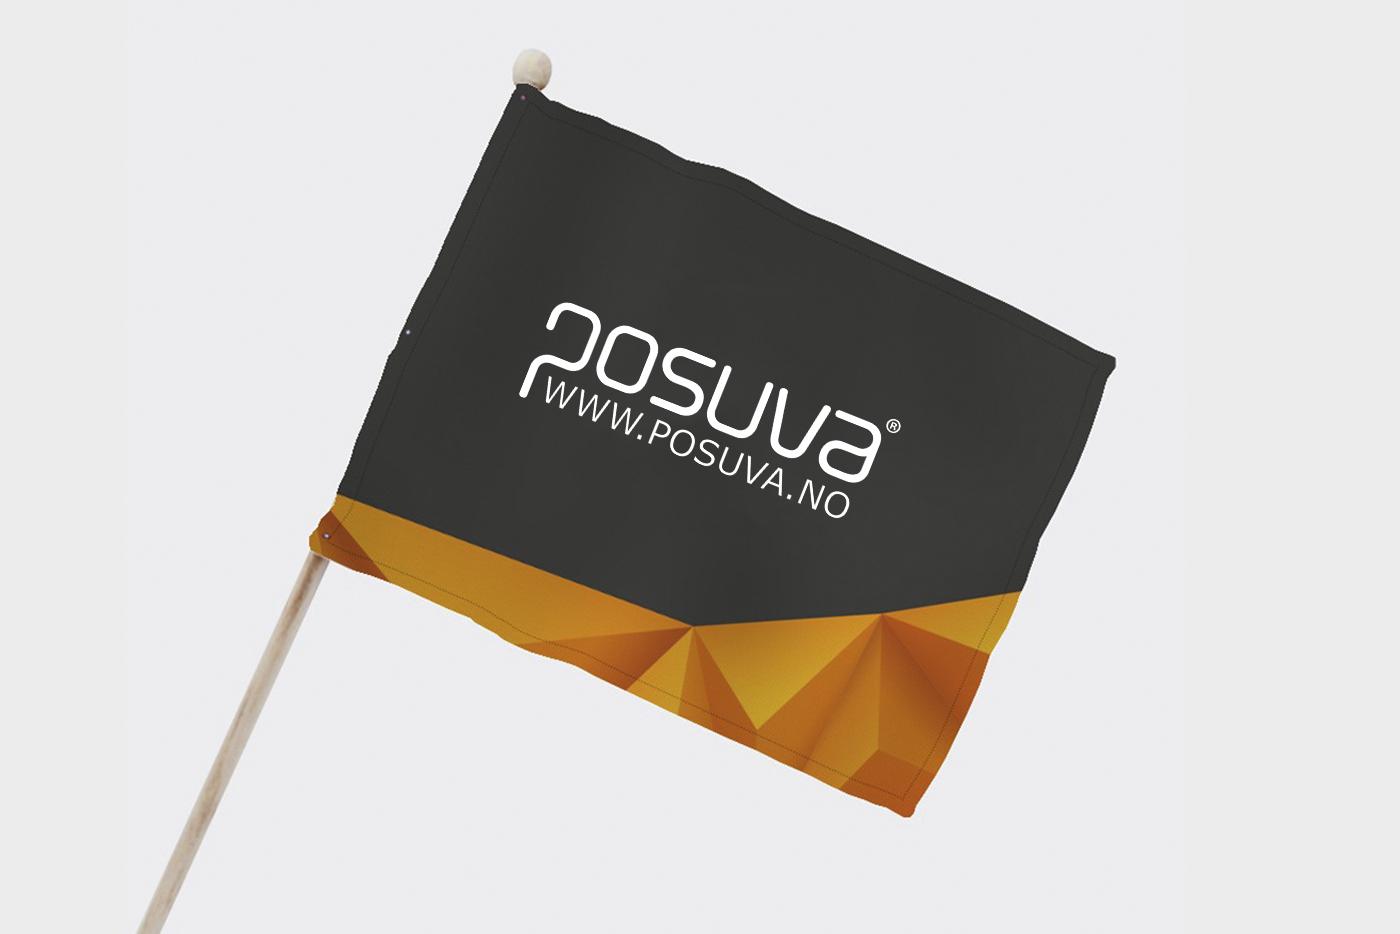 Balkong Og Supporterflagg